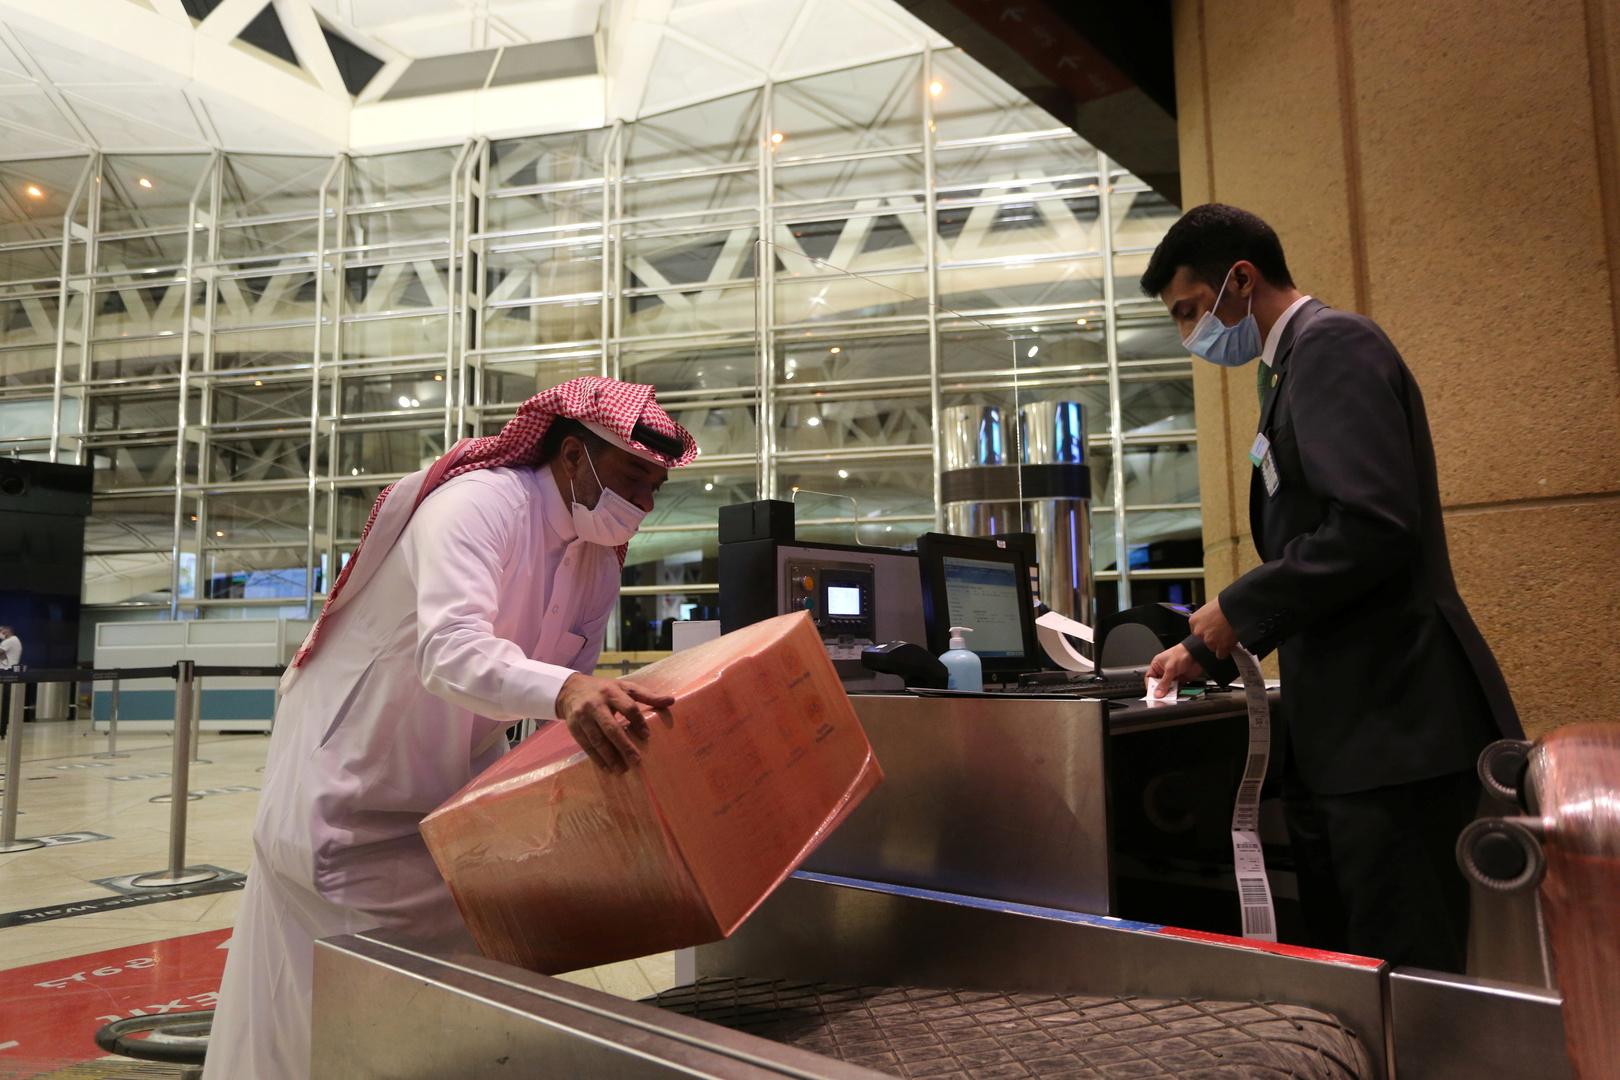 عقب تطور خلافات التحالف الأخيرة في اليمن … السعودية توجه ضربه جديده للإمارات وتعدل قواعد الاستيراد